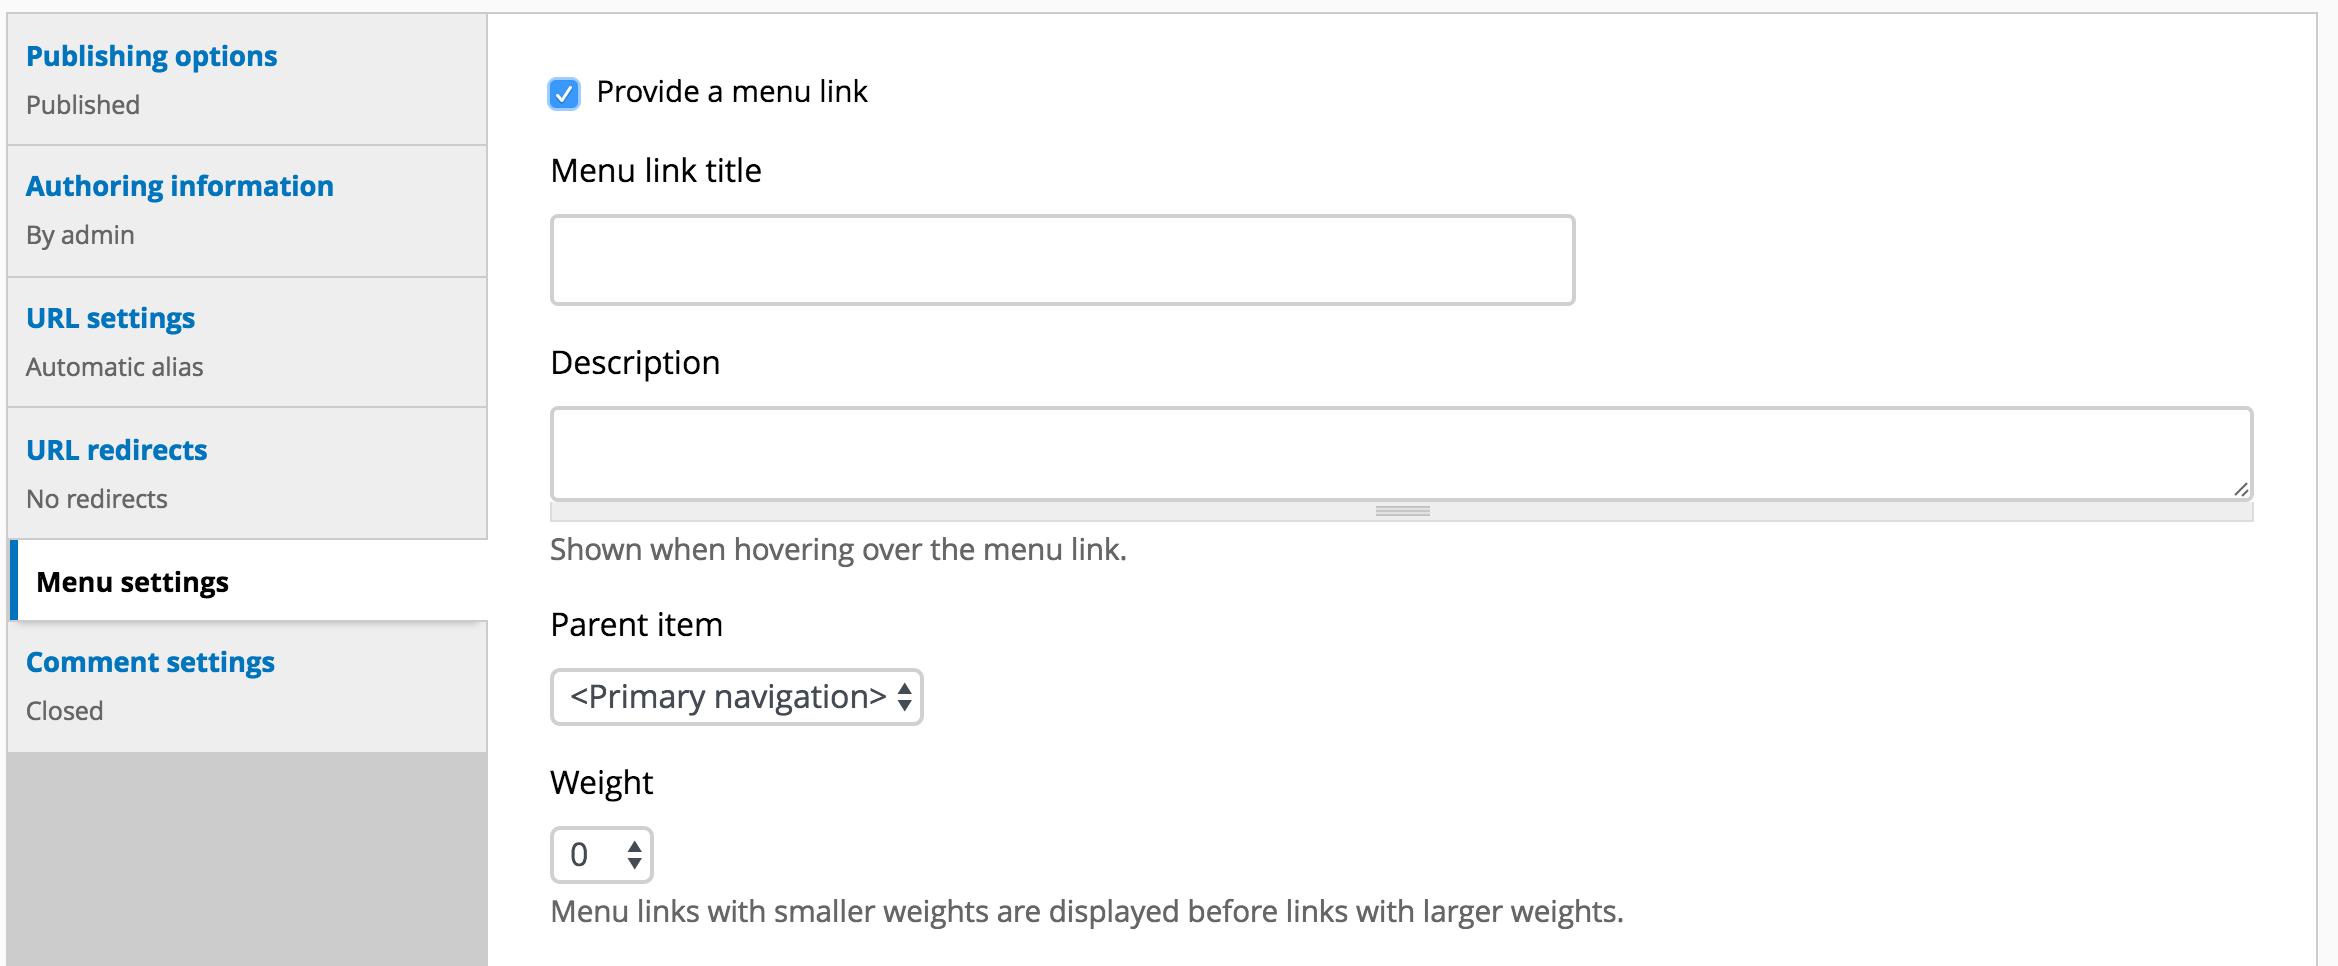 Image of Menu settings vertical tab